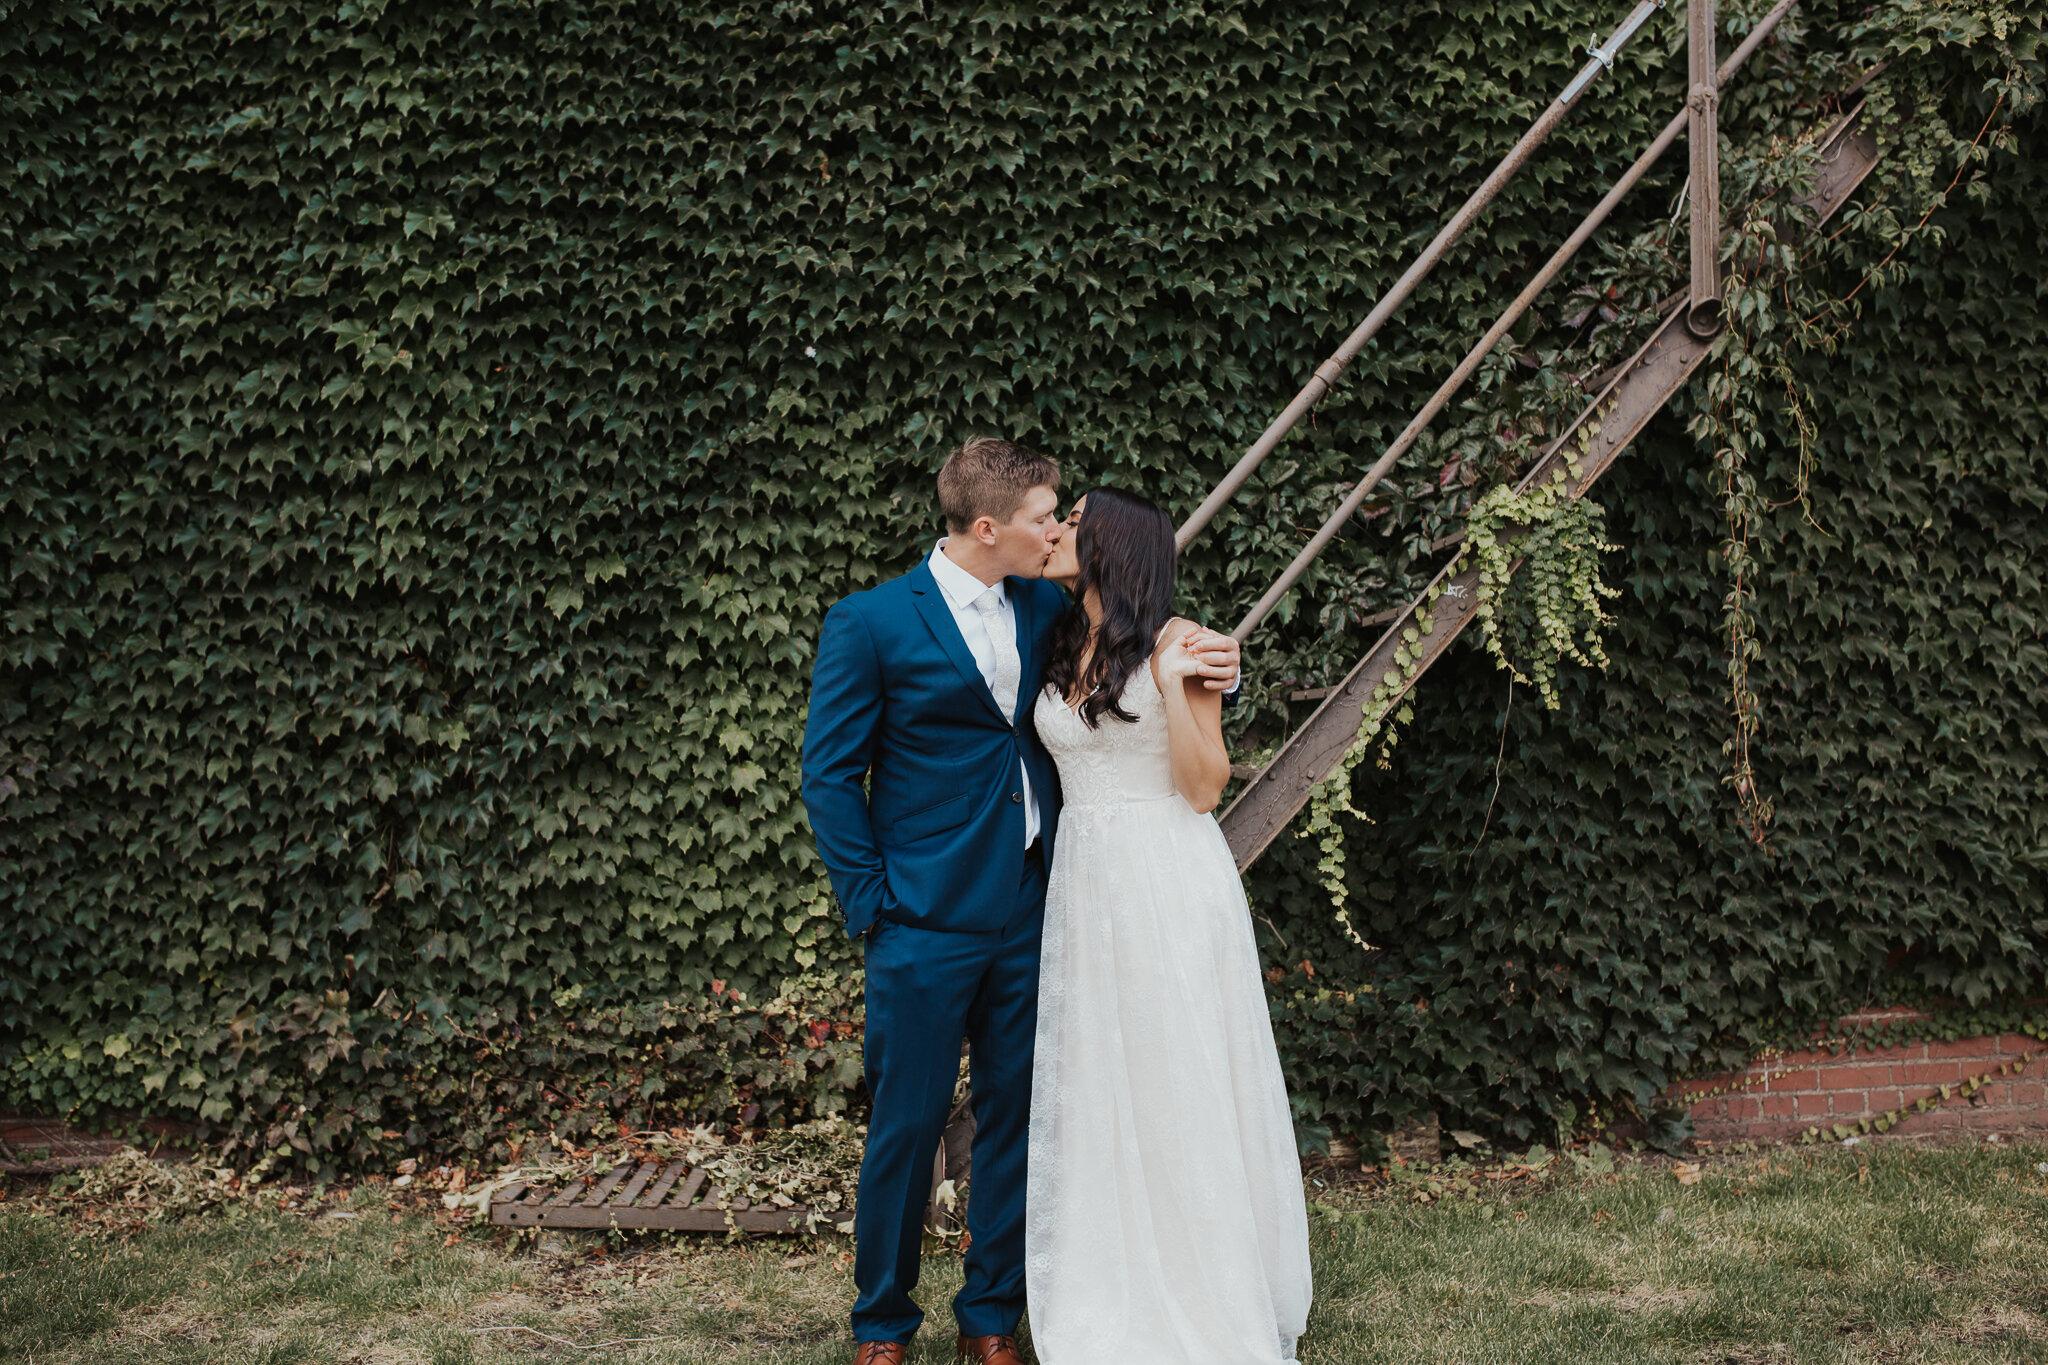 KirstenMatt-Wedding-23.jpg